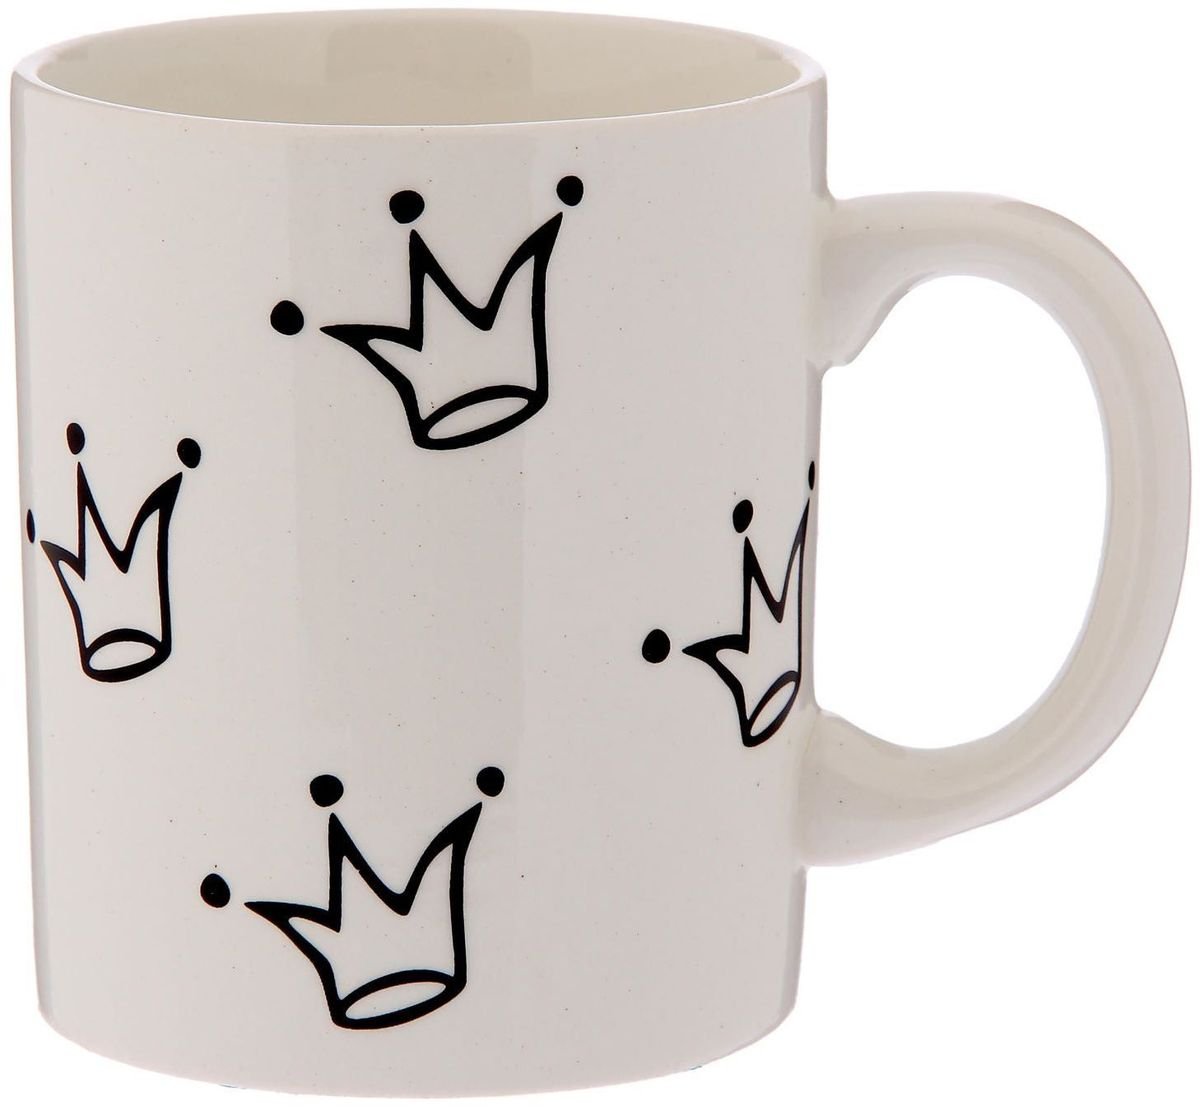 Кружка Сотвори чудо My Little Crown, 320 мл115510Хотите обновить интерьер кухни или гостиной? Устраиваете необычную фотосессию или тематический праздник? А может, просто ищете подарок для близкого человека?Кружка станет любимым аксессуаром на долгие годы. Относитесь к изделию бережно, и оно будет дарить прекрасное настроение каждый день!